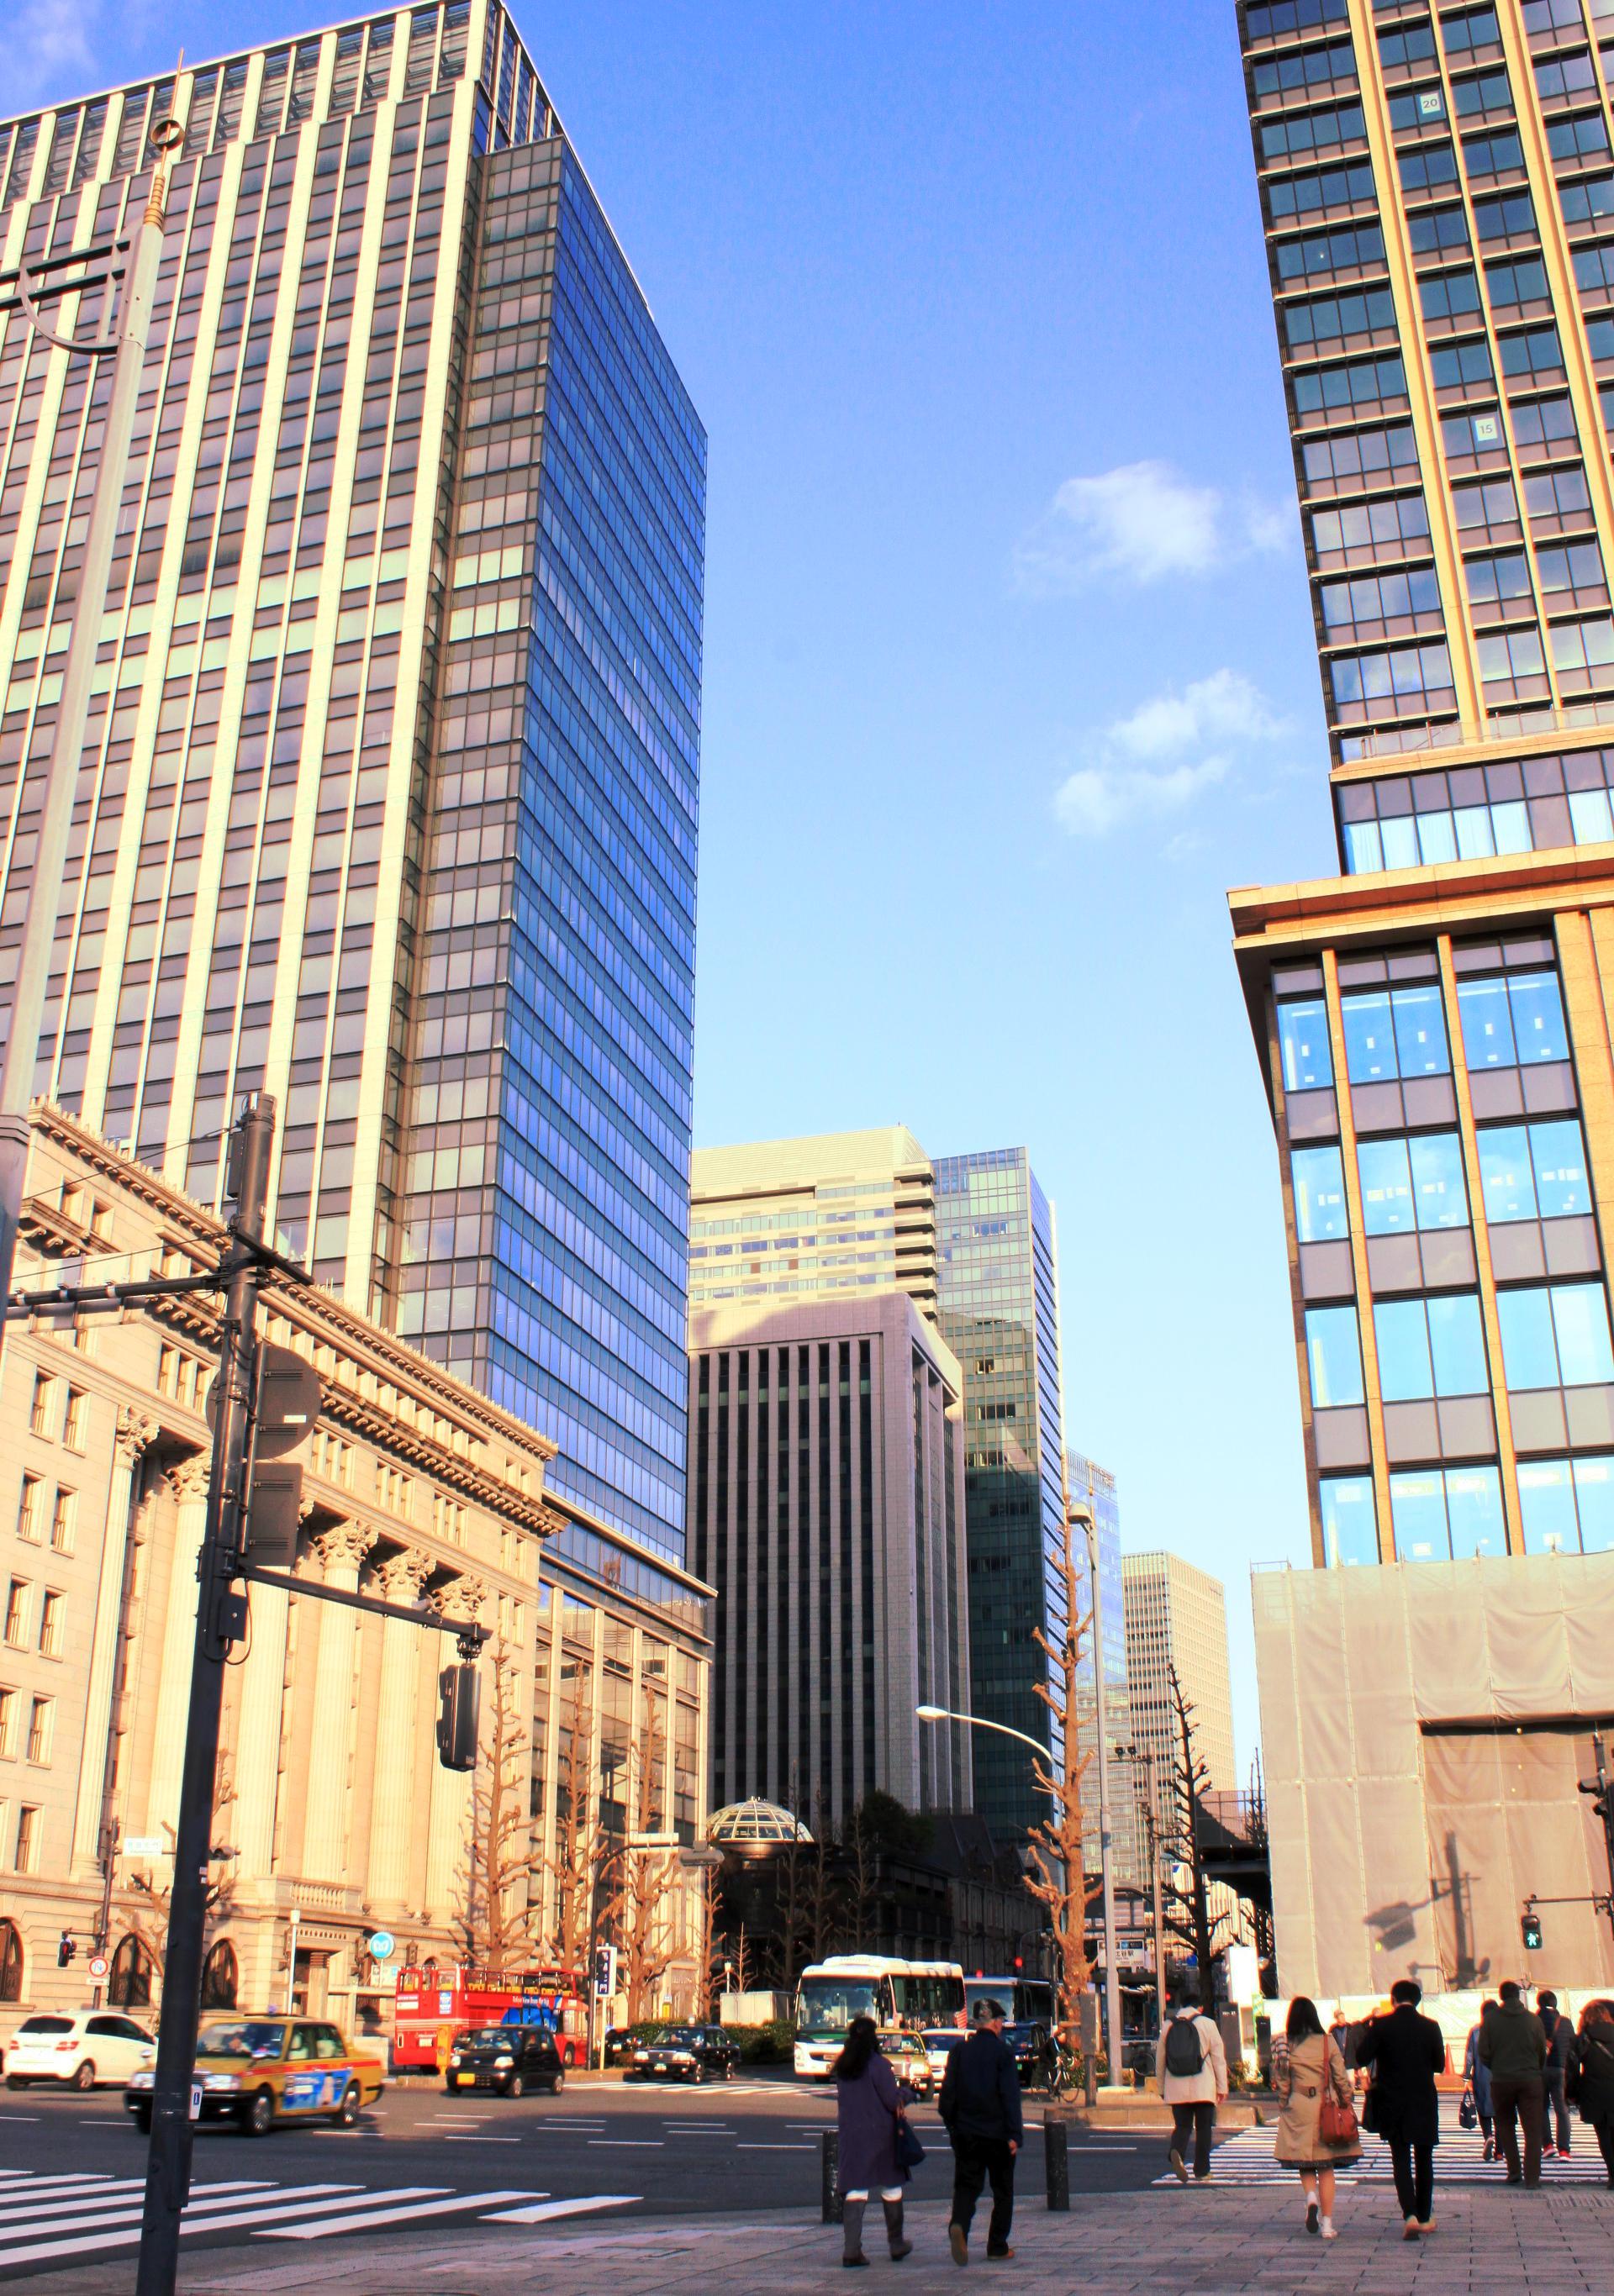 dzielnica Chiyoda Tokio wieżowce ulice iglawpodrozy